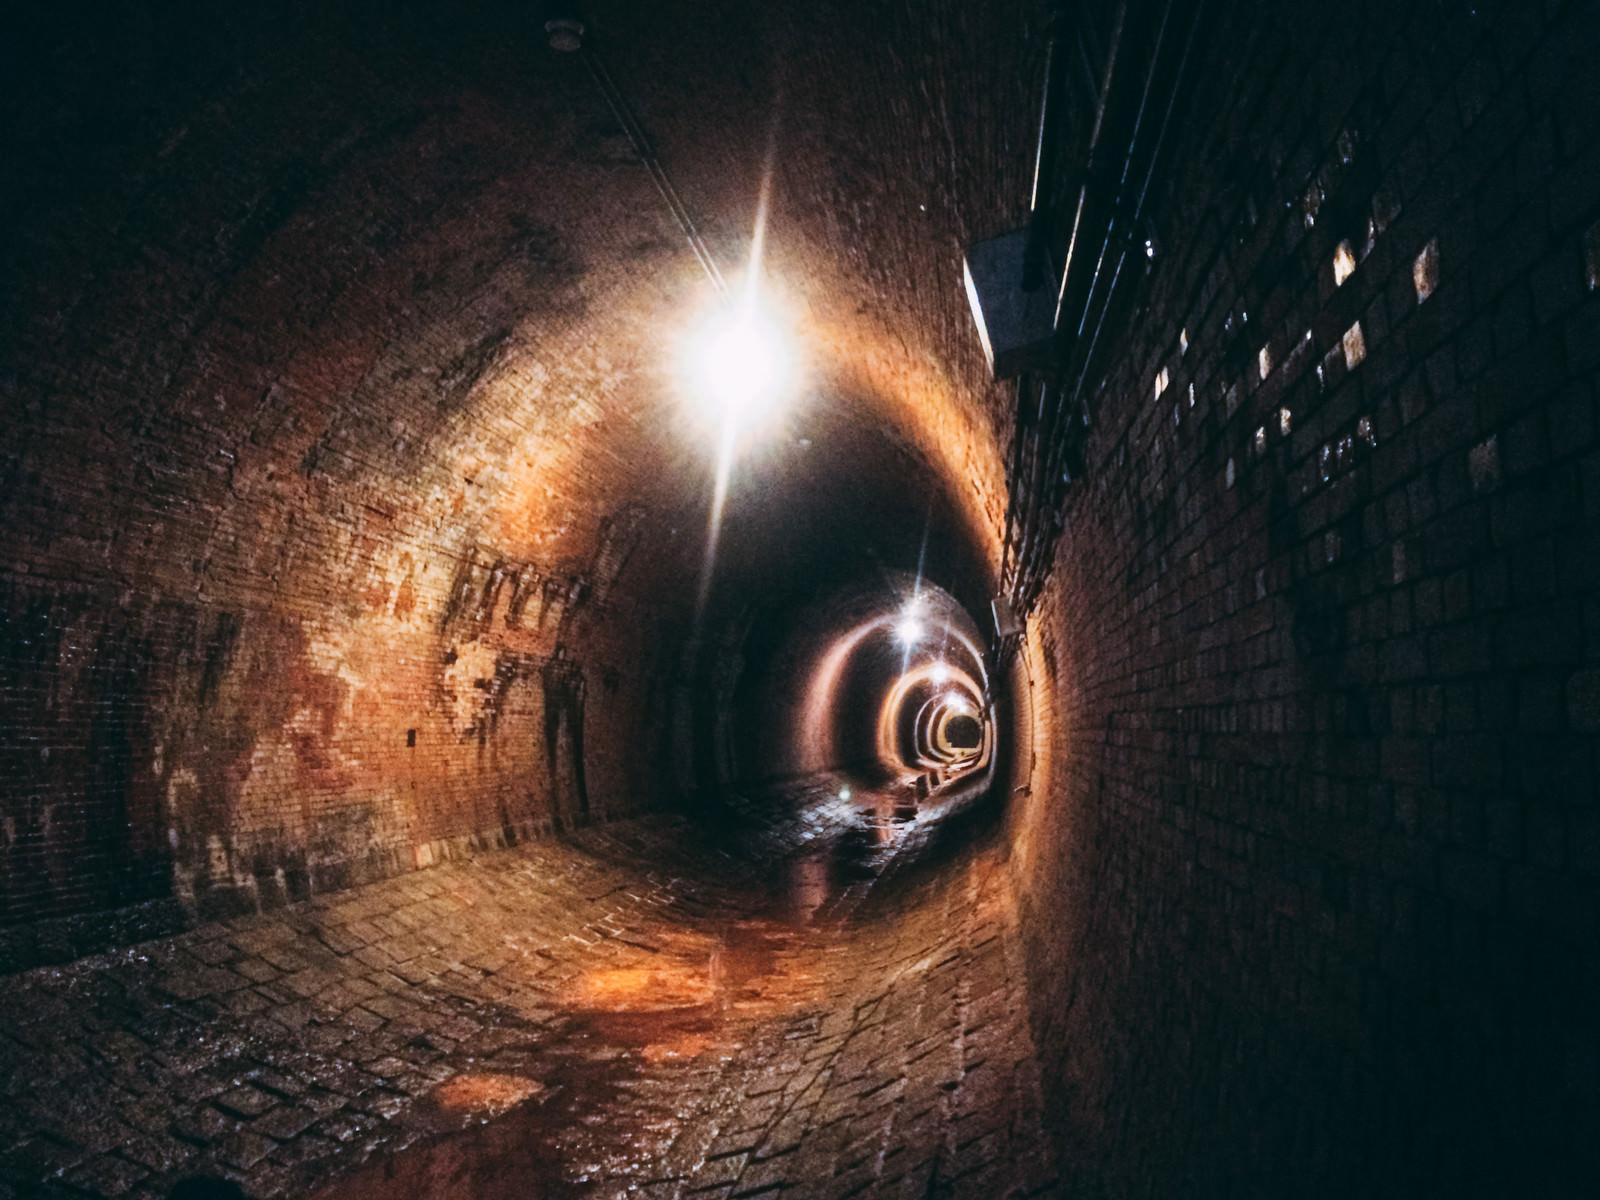 「奥から巨大なワニが襲ってきそうな湿ったトンネル内(湊川隧道)」の写真